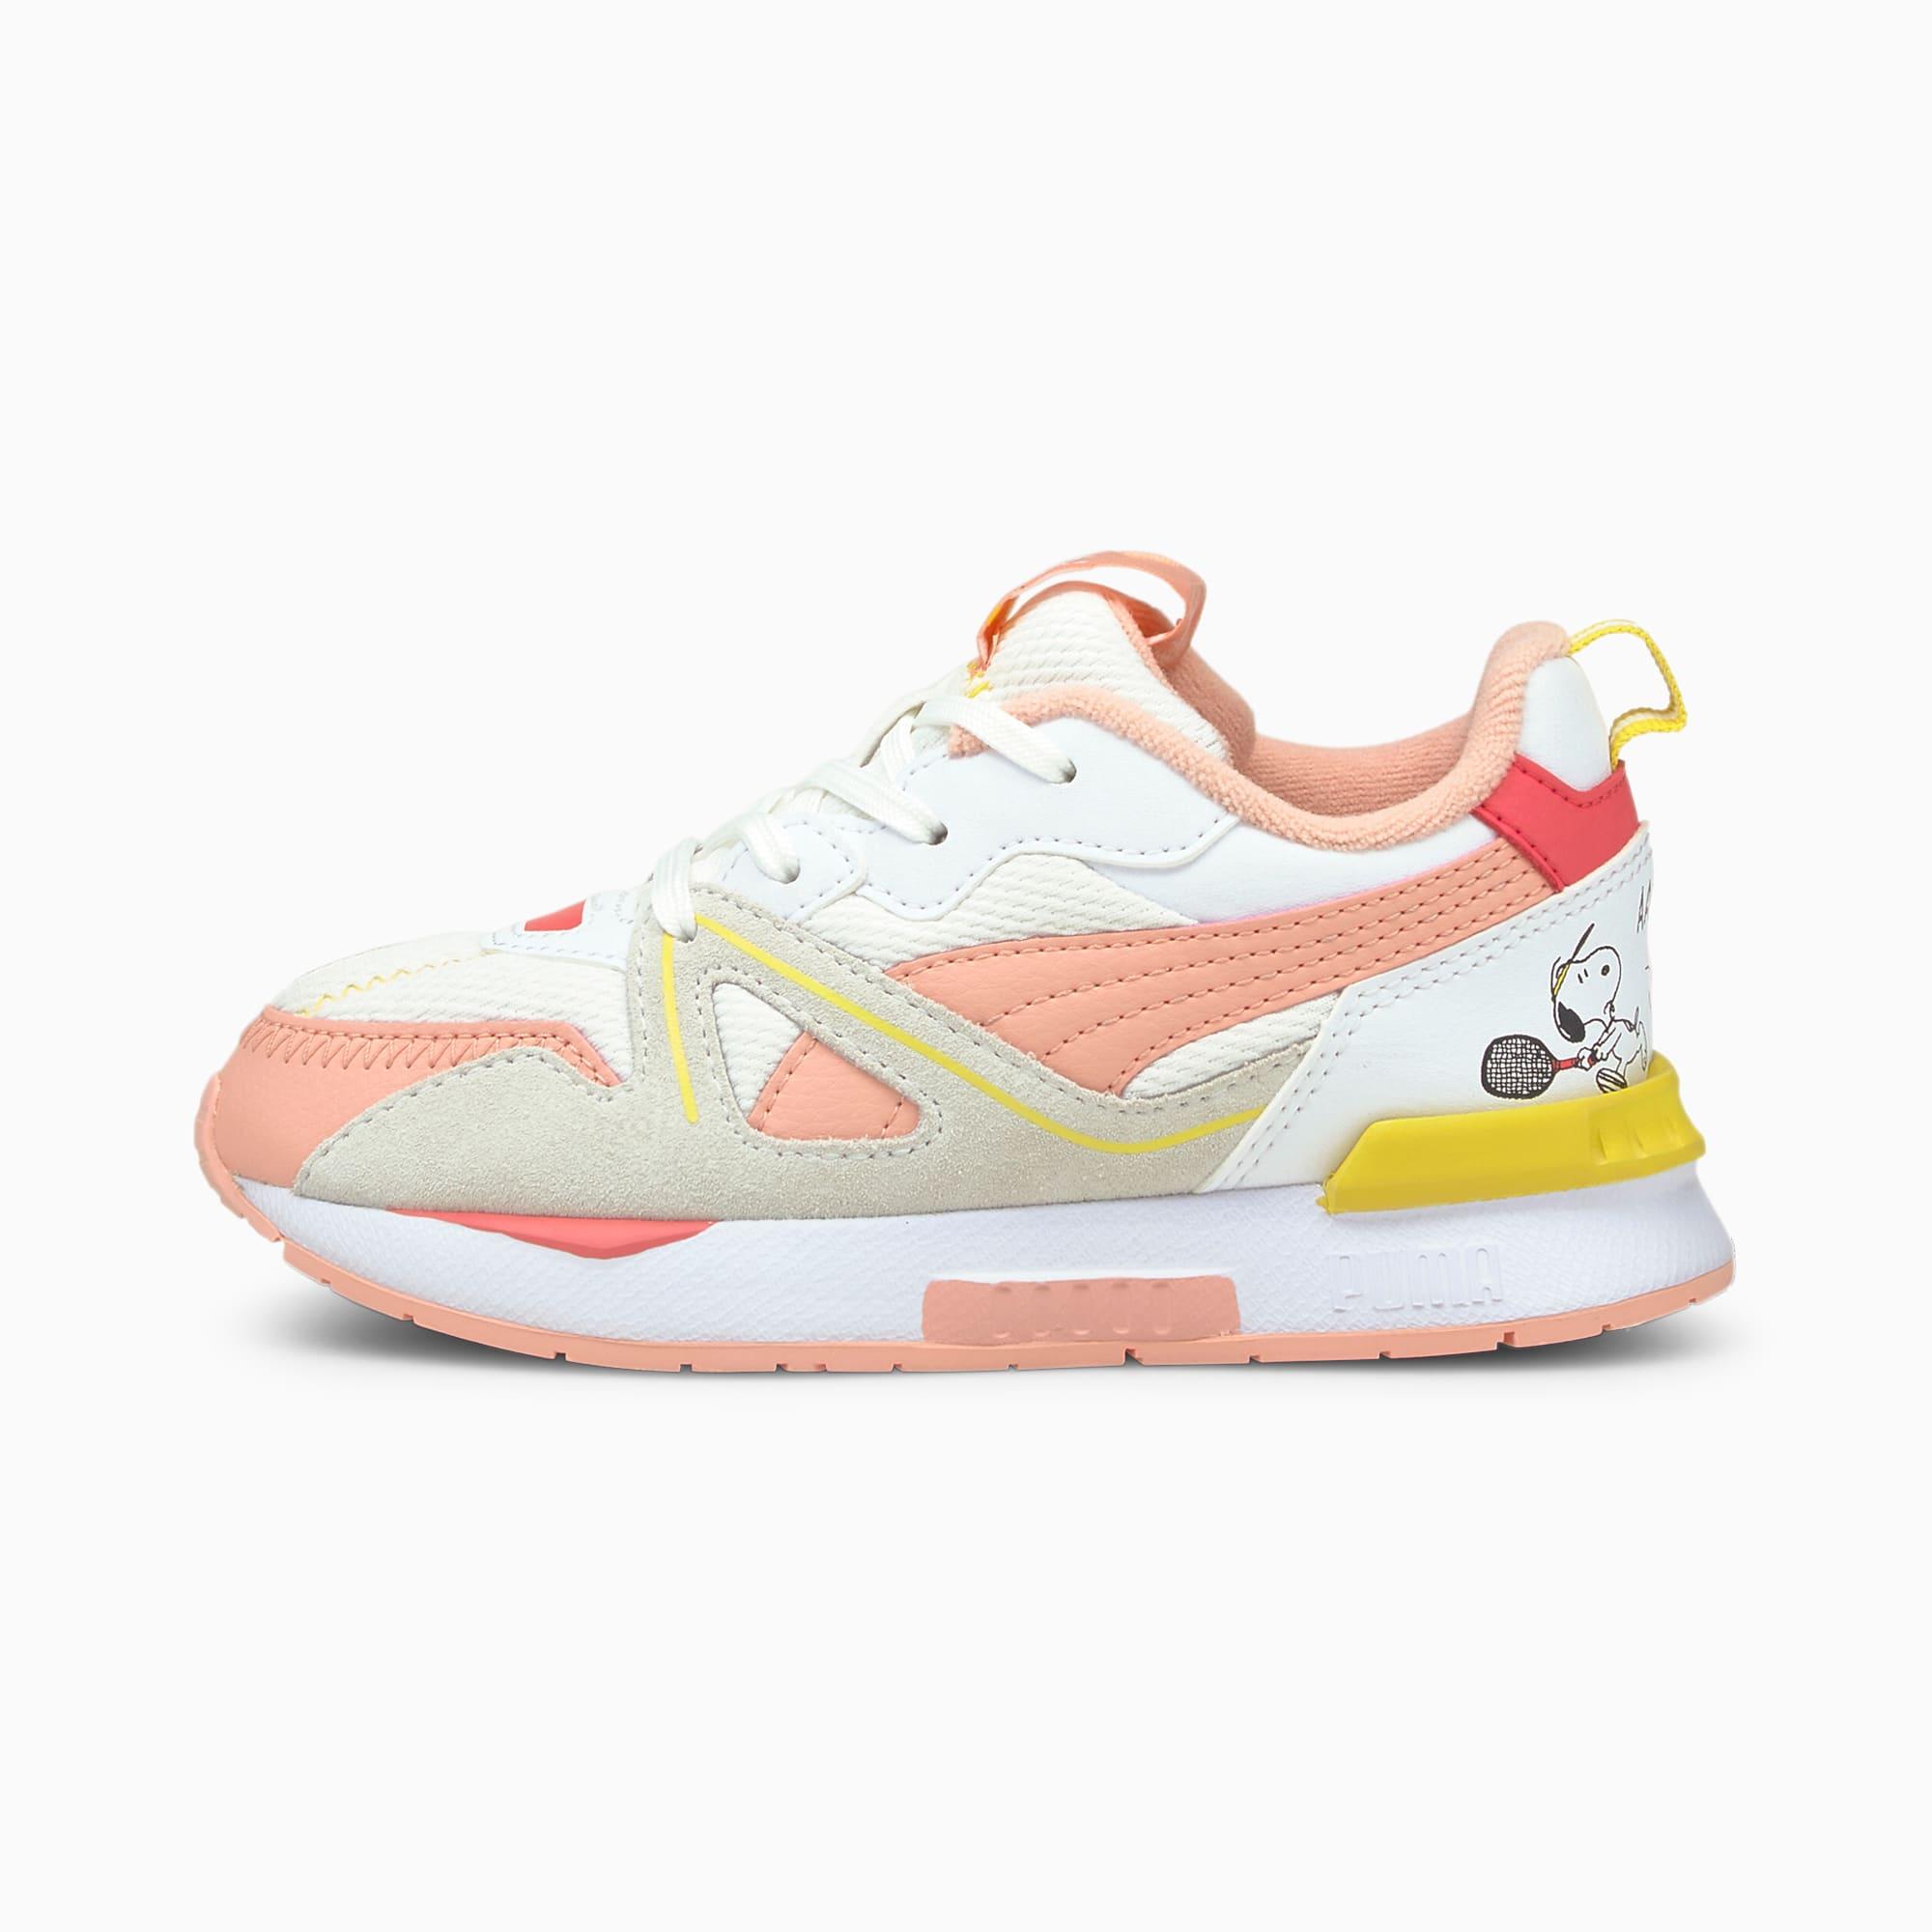 PUMA x PEANUTS Mirage Mox Kinder Sneaker Schuhe   Mit Aucun   Weiß   Größe: 29